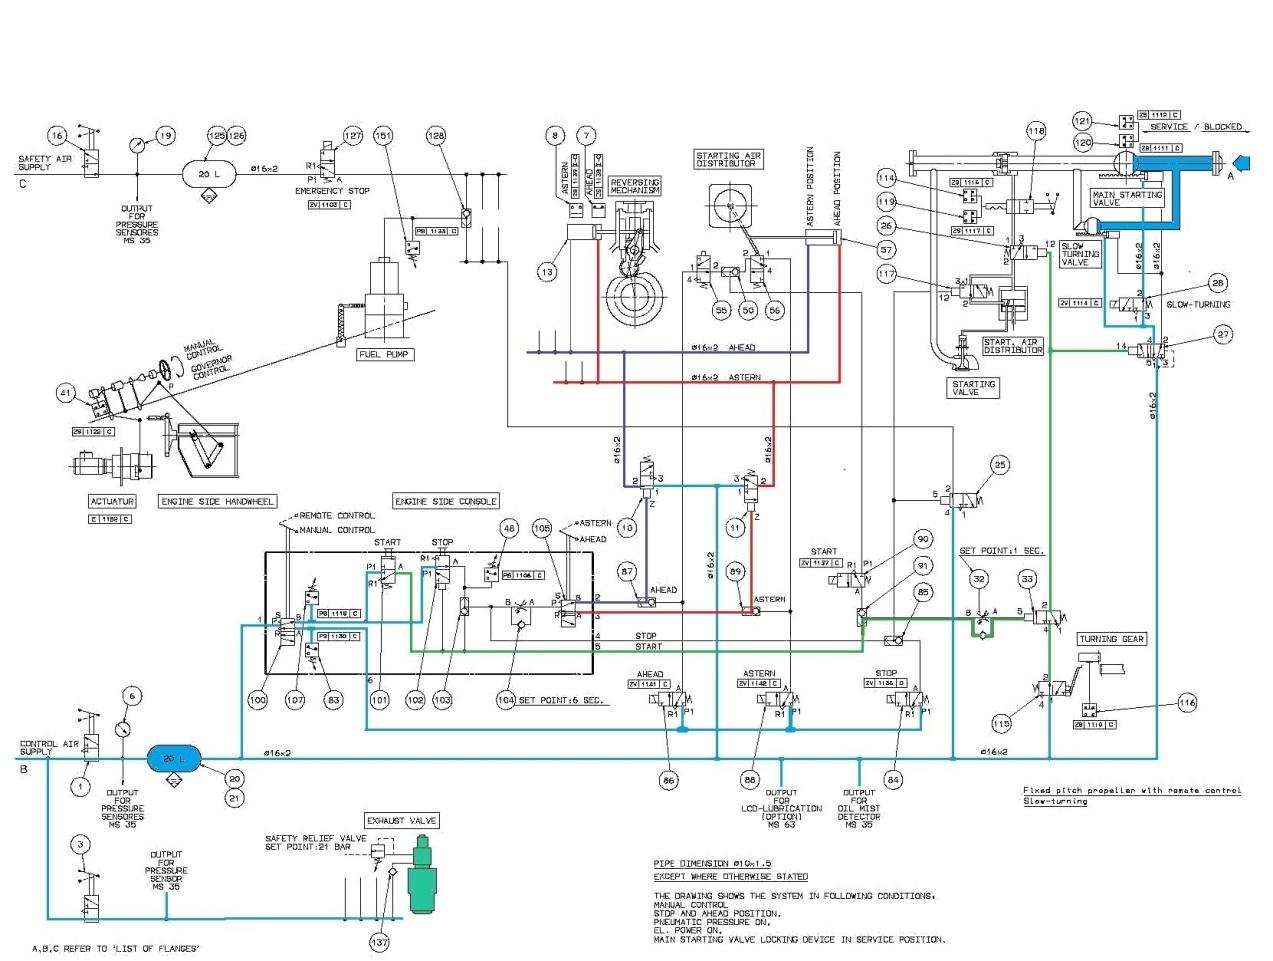 2 Diagram of manouering system s26mc6 Уч цв вариант 0